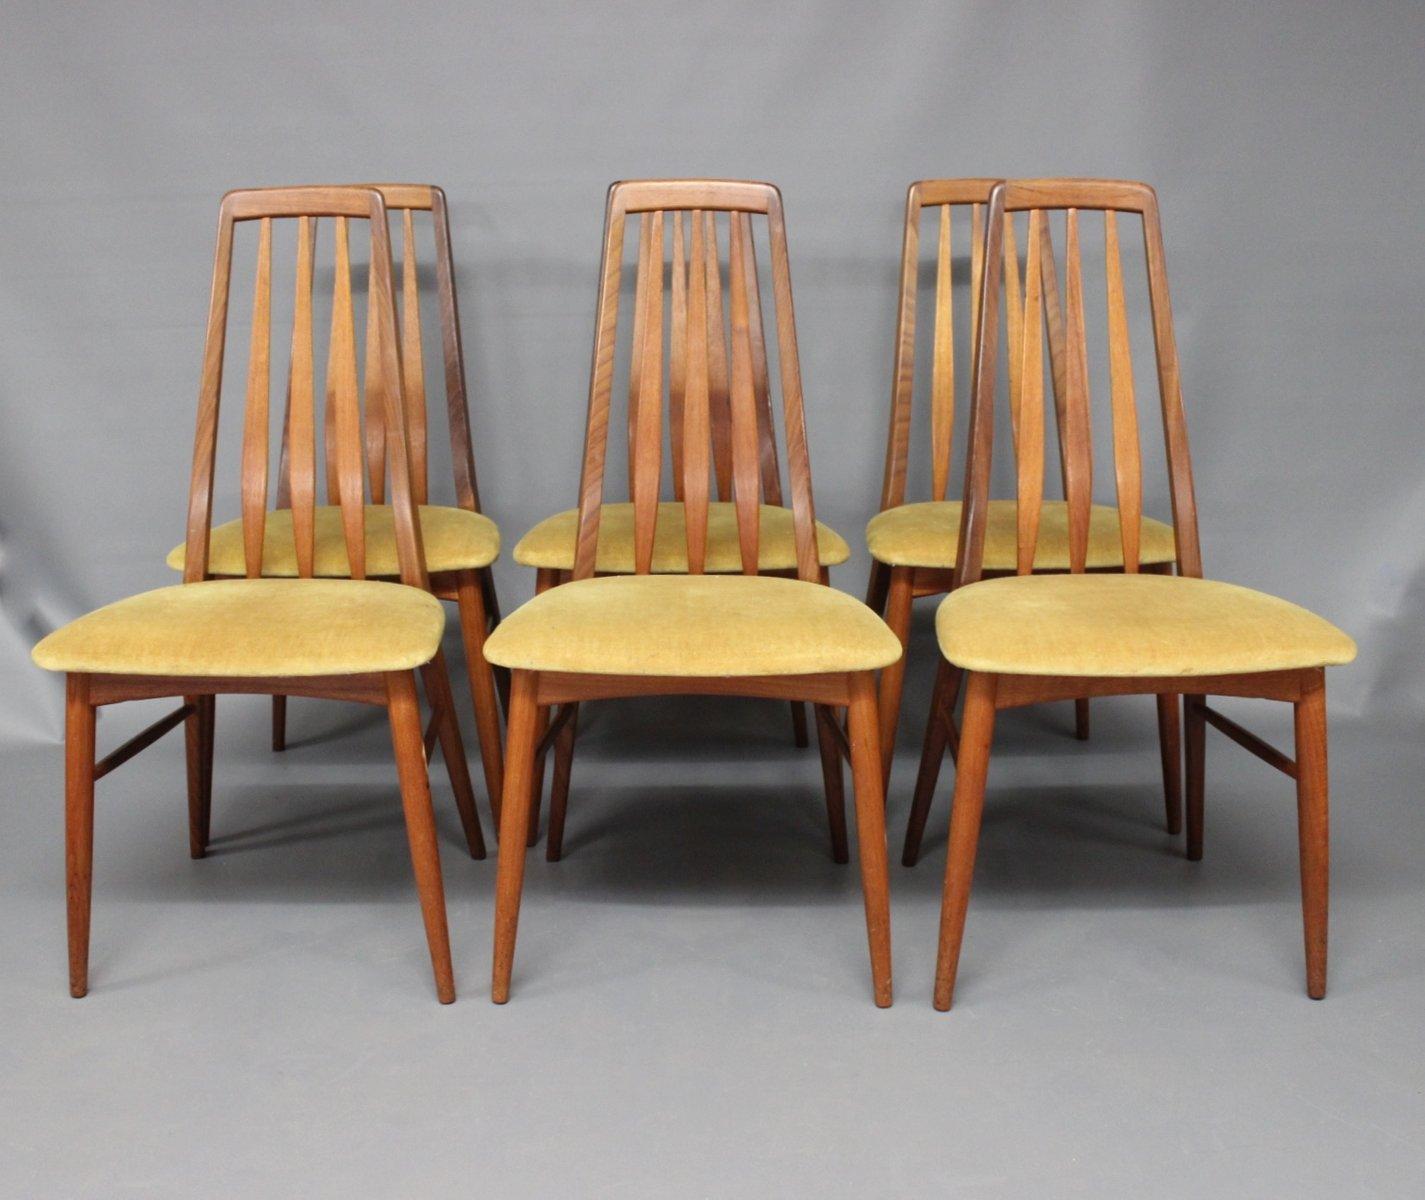 Eva Teak Dining Chairs By Niels Koefoed, 1960s, Set Of 6